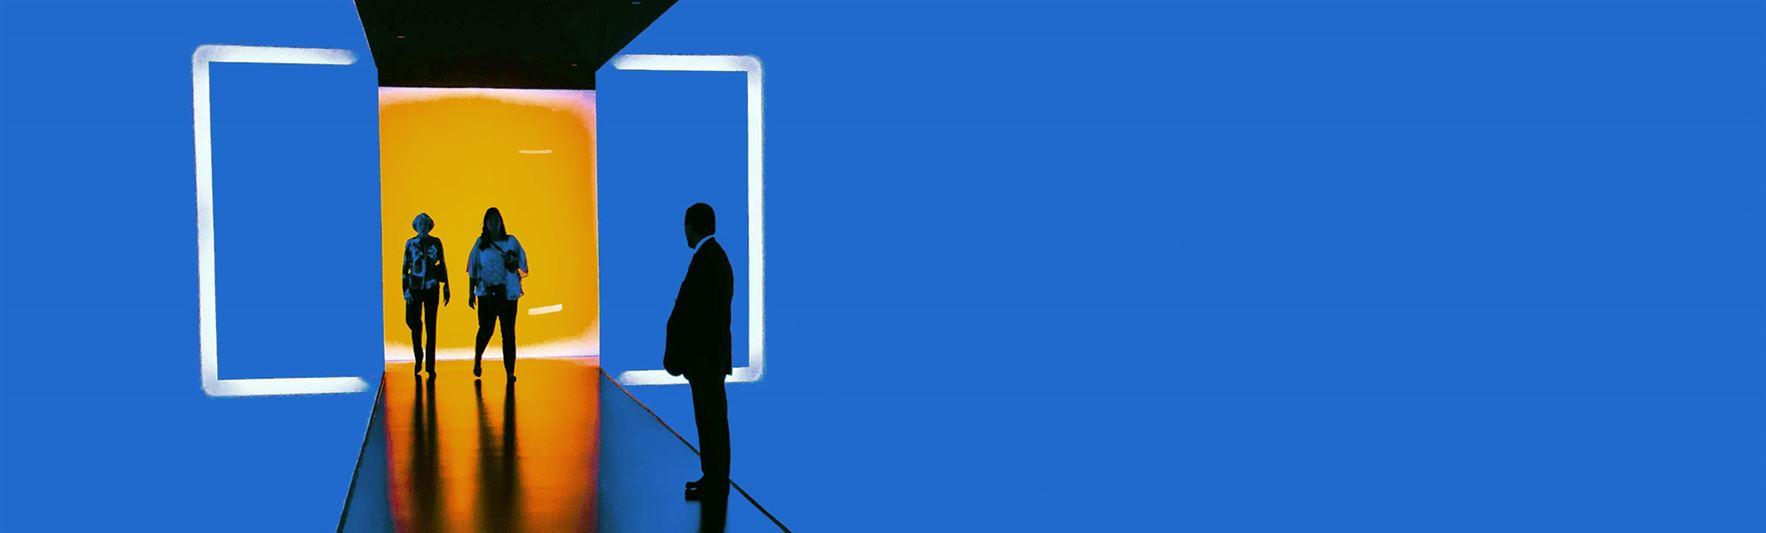 Innovation manager di BPR: le figure giuste per progetti consulenziali innovativi